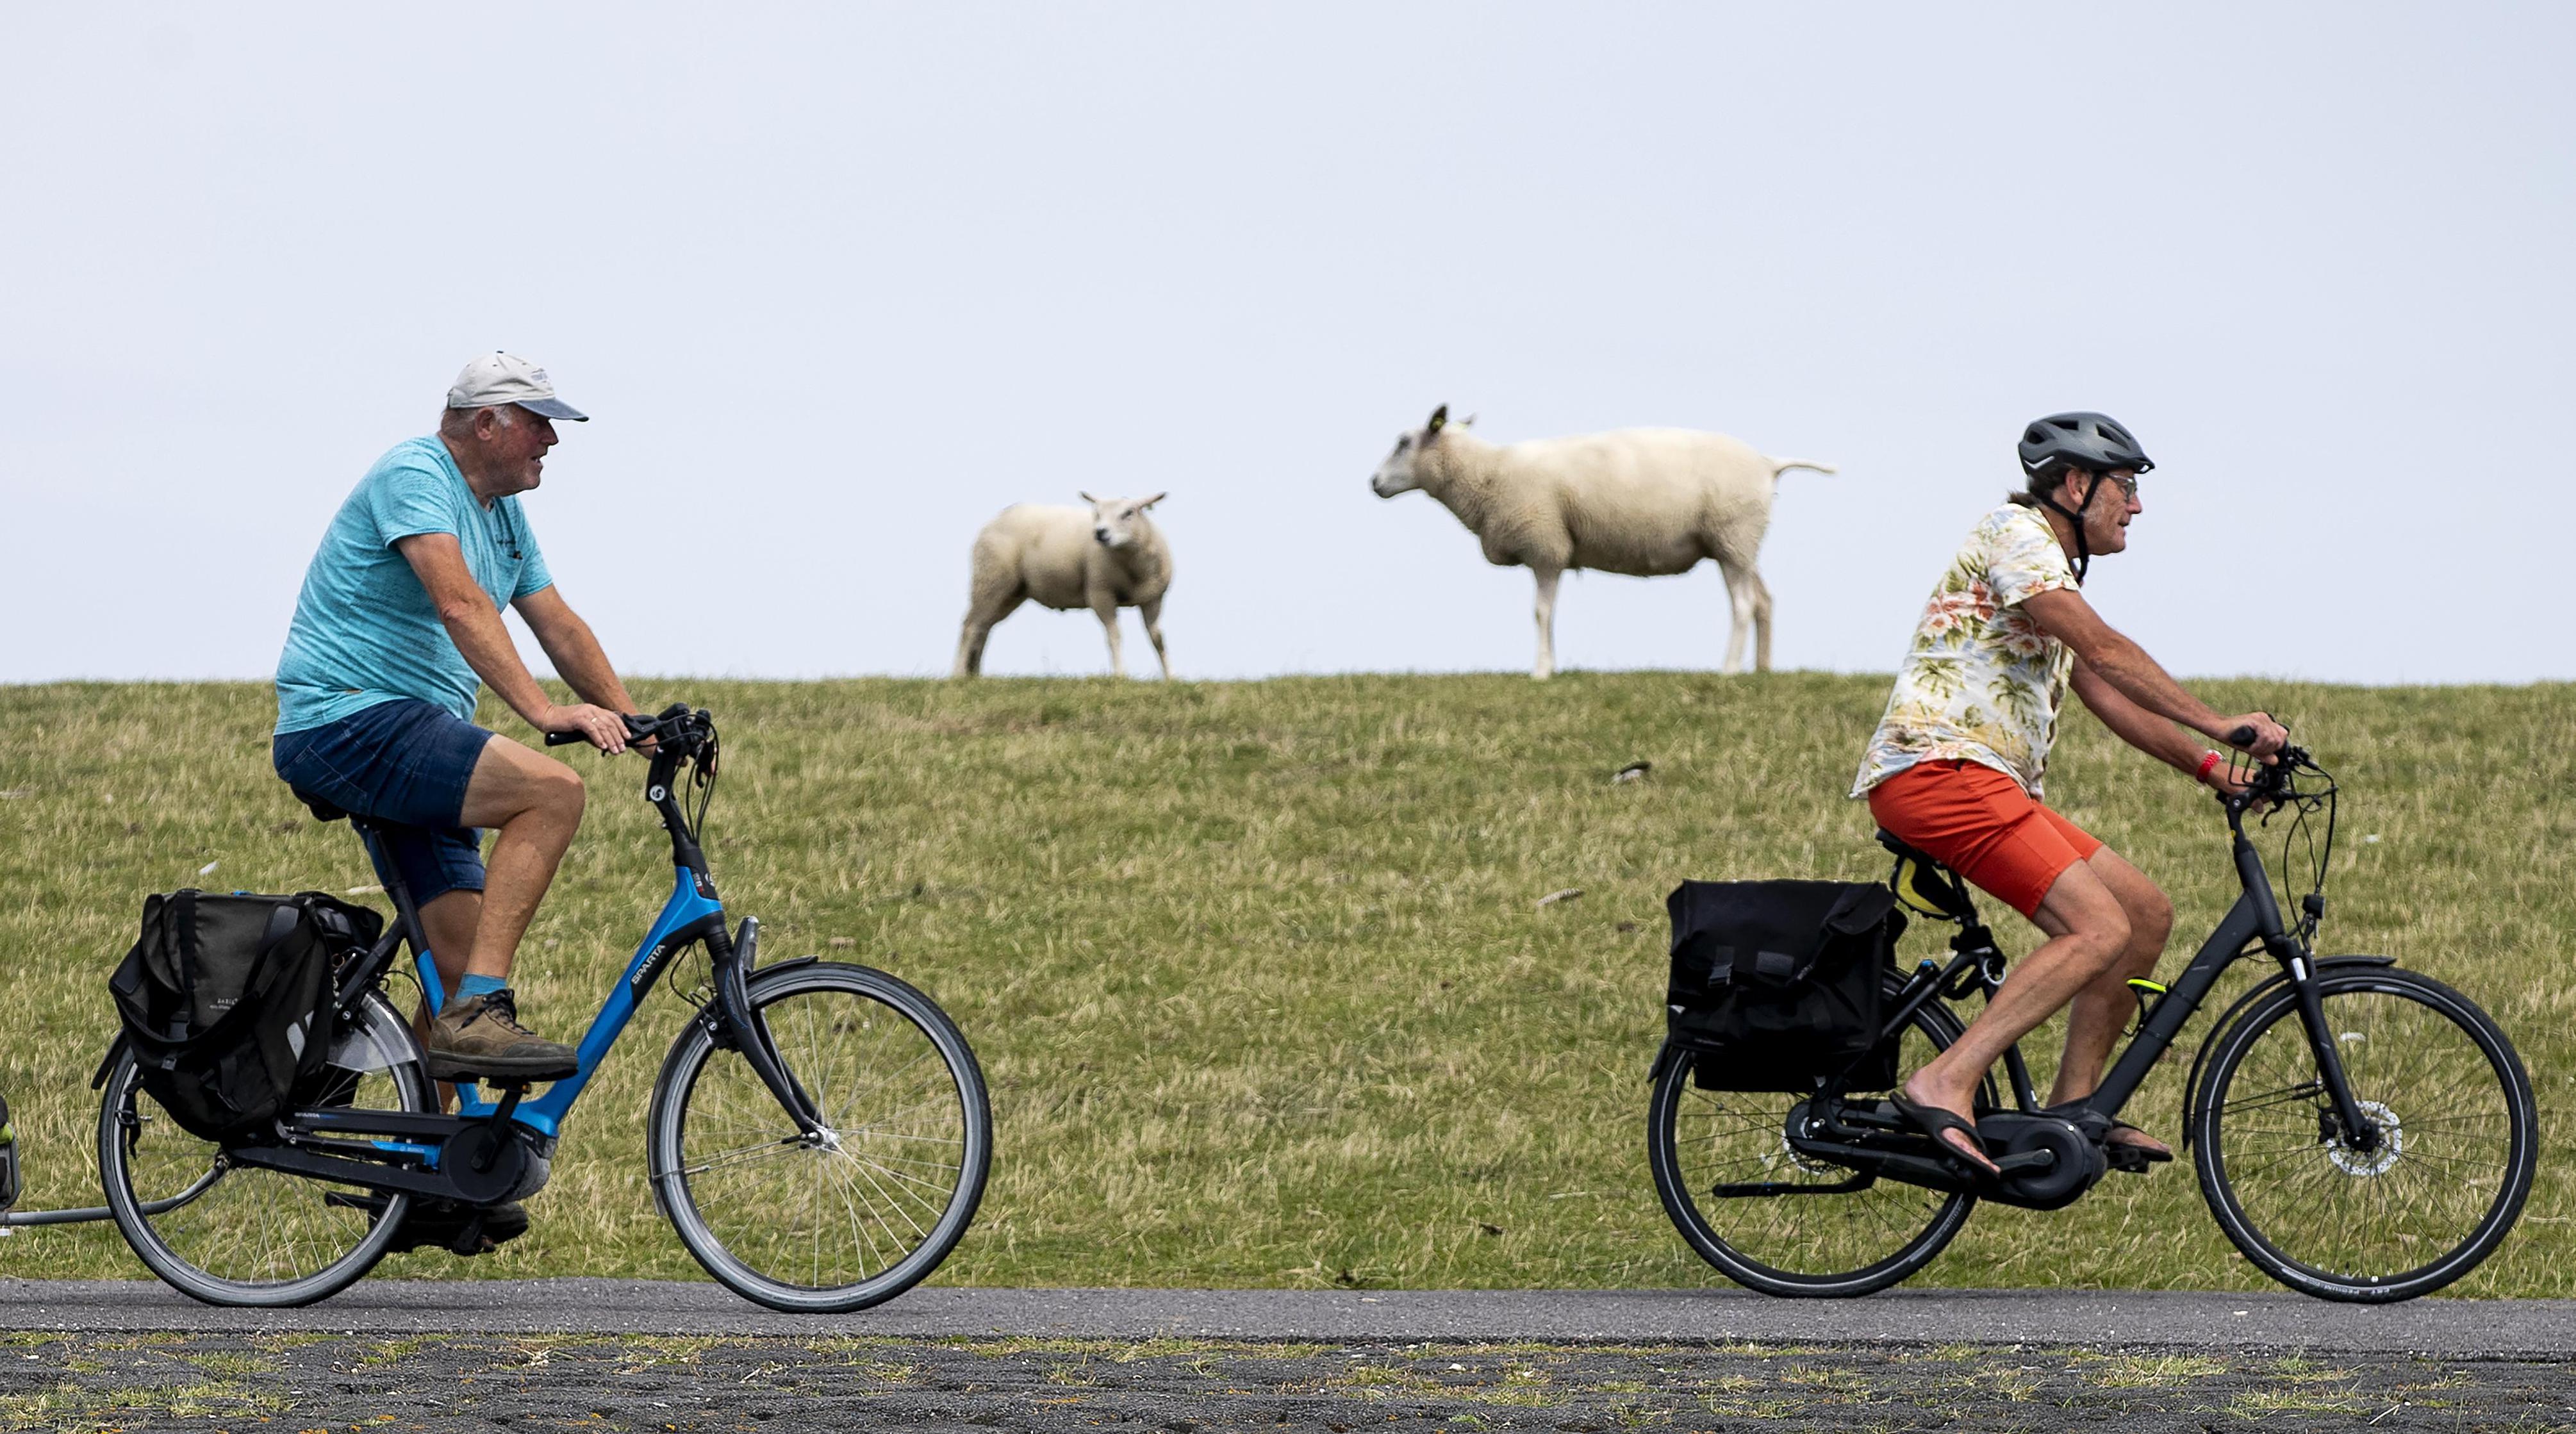 Gewone fietser is steeds vaker de klos: afgesneden, opzij getringeld en in de berm gedrukt | Commentaar